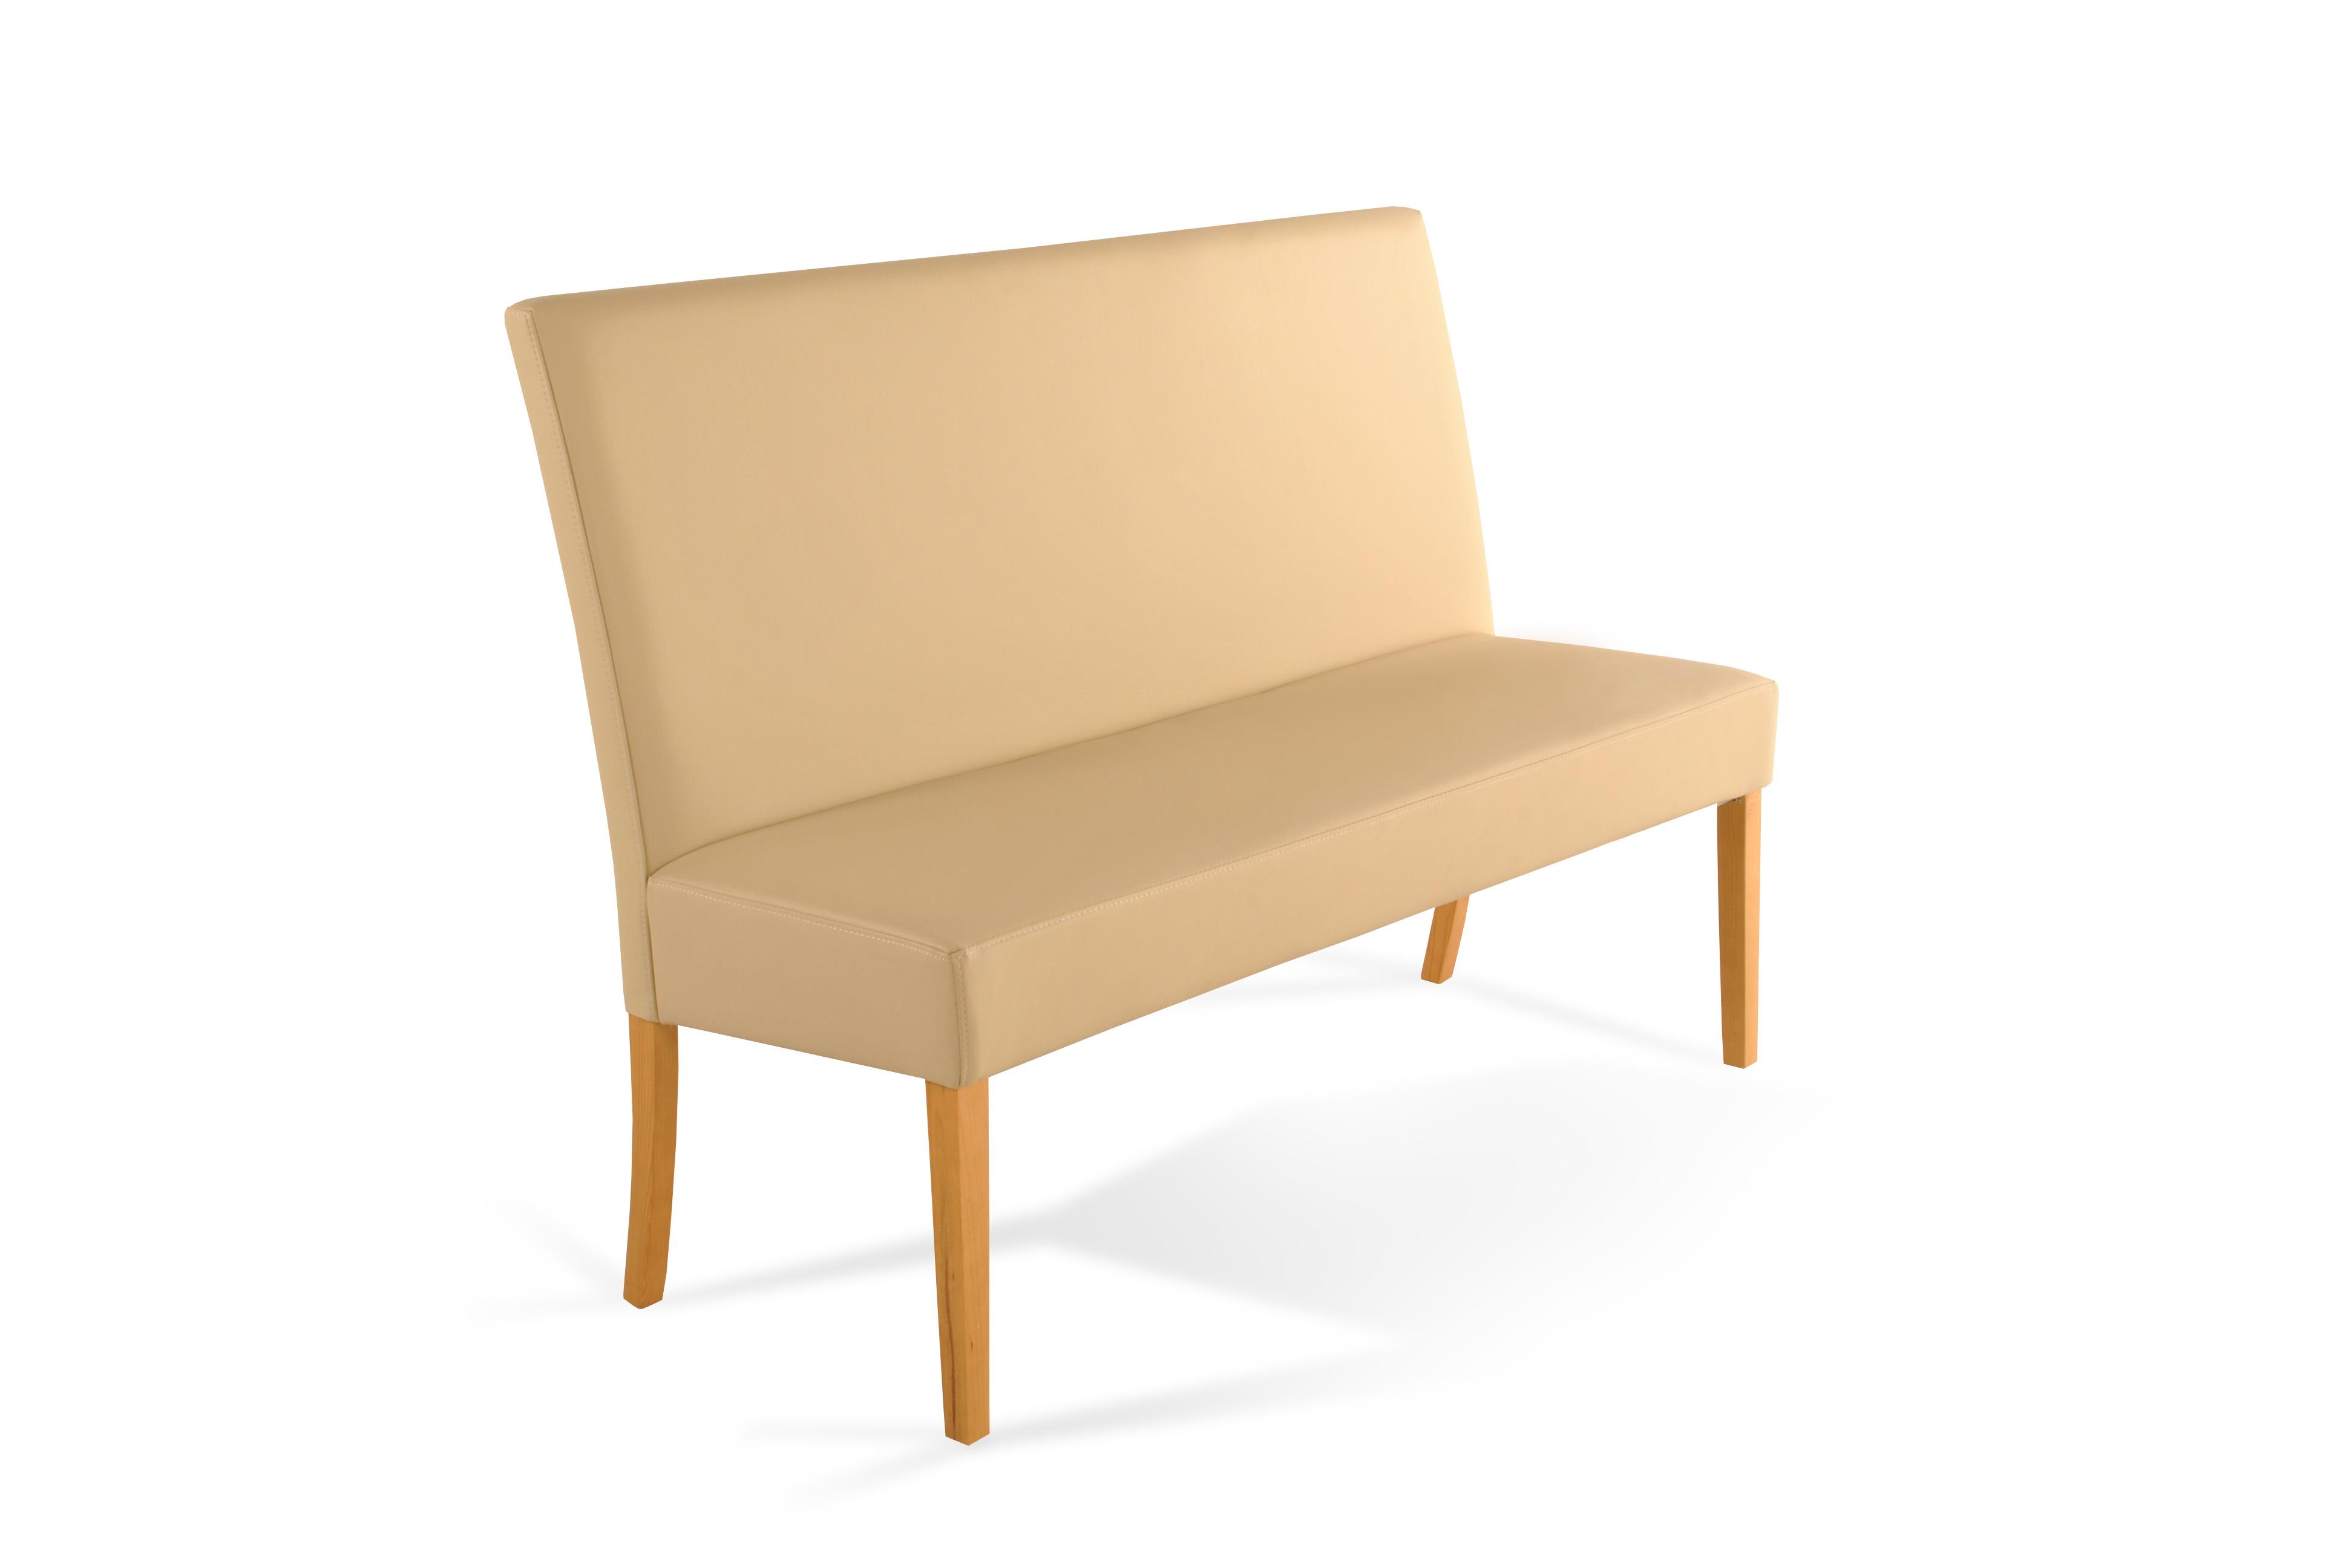 sam esszimmerbank mit lehne 160 cm creme recyceltes leder roma. Black Bedroom Furniture Sets. Home Design Ideas